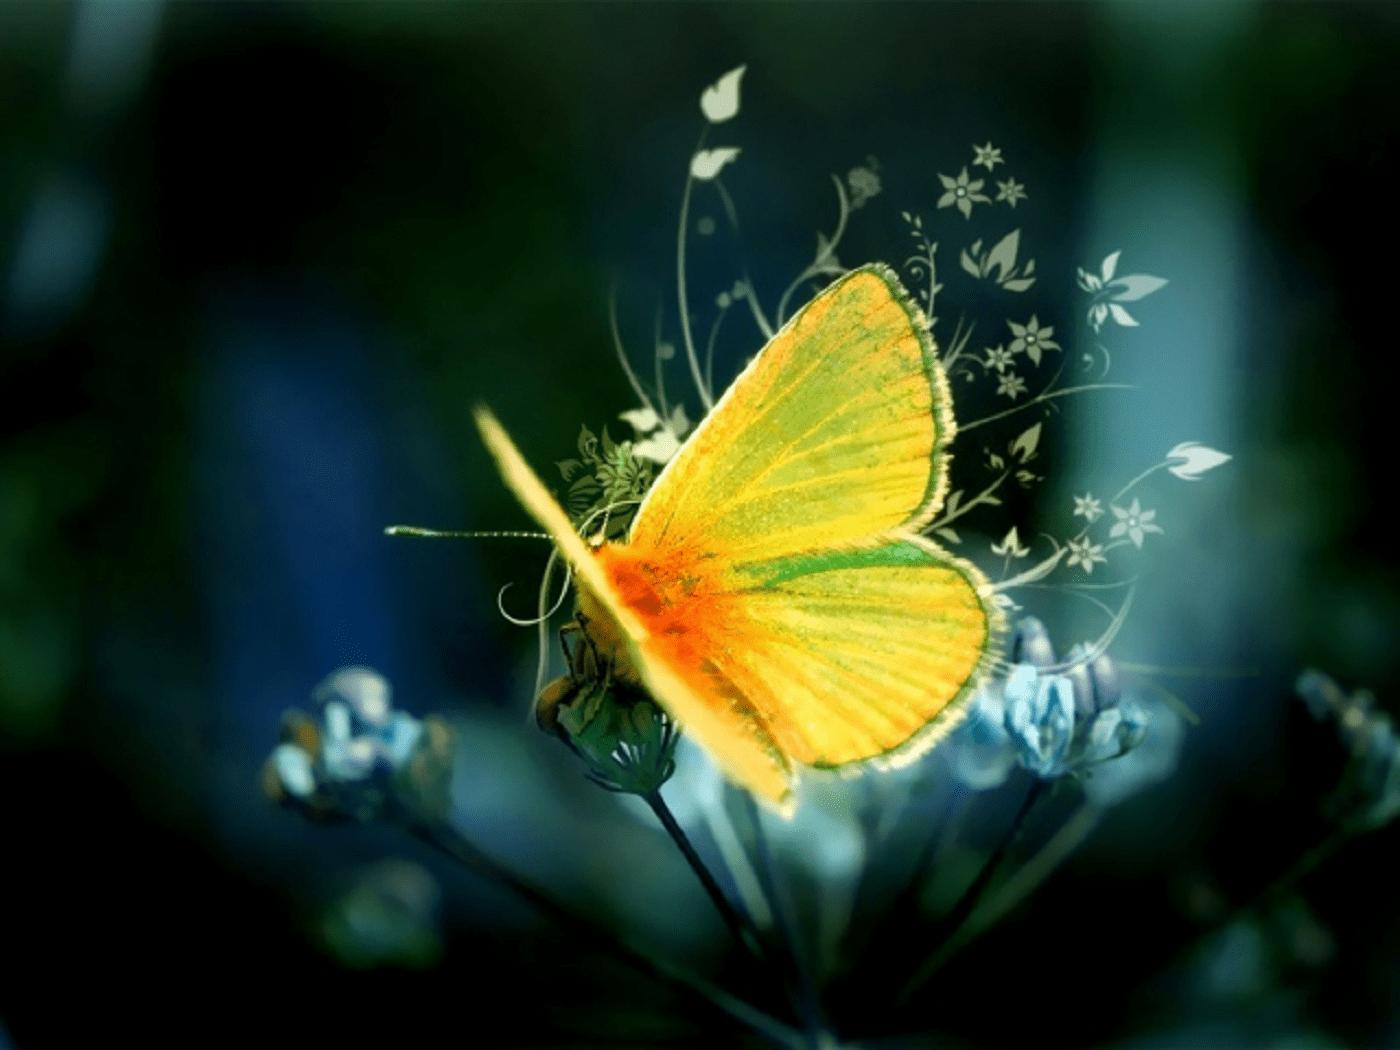 Accompagnement Alchimie et Renaissance pour créer sa vie, s'aimer avec un papillon jaune doré sous un fond magique